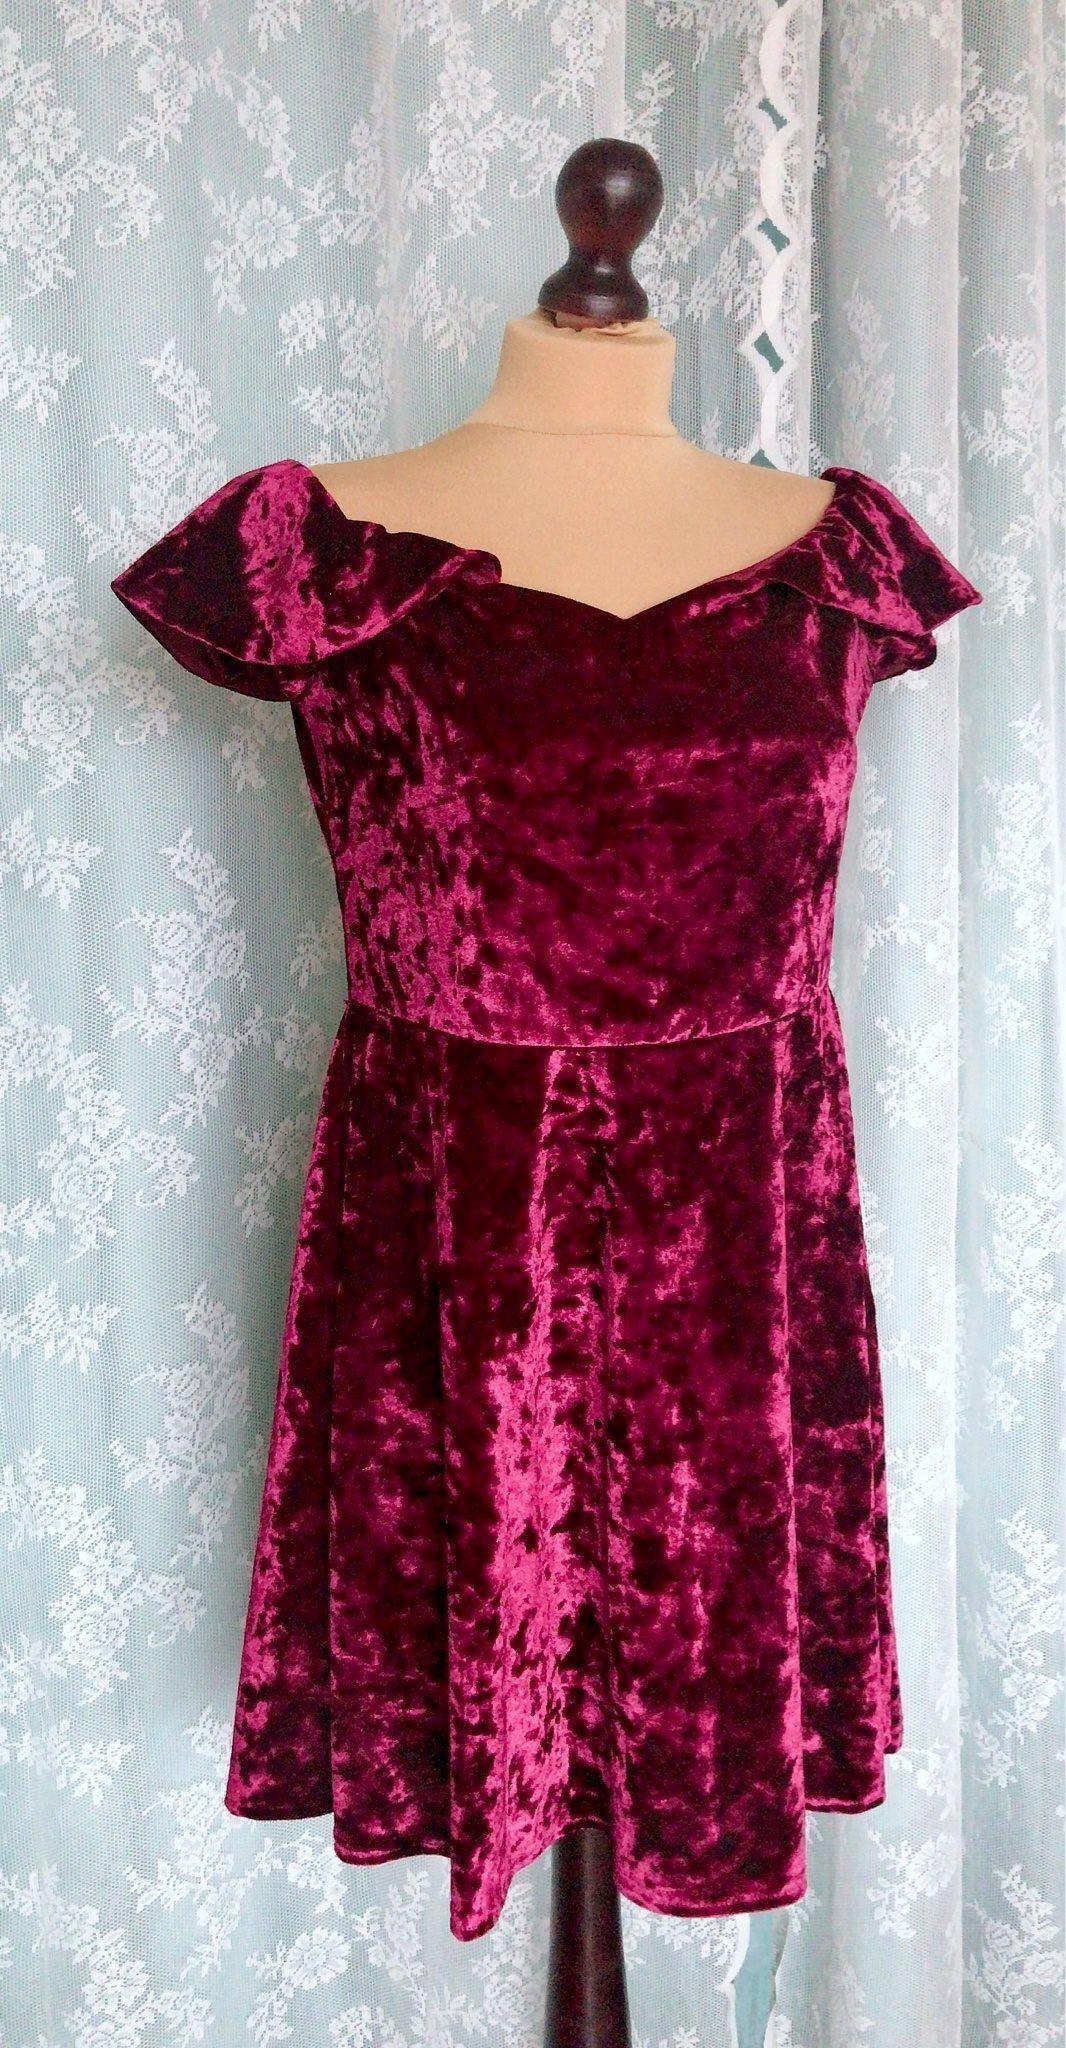 Burgundy,Vinröd klänning, festklänning, julklänning, julkläder Stl 40/42 Ny! Ny! Ny! db62c2